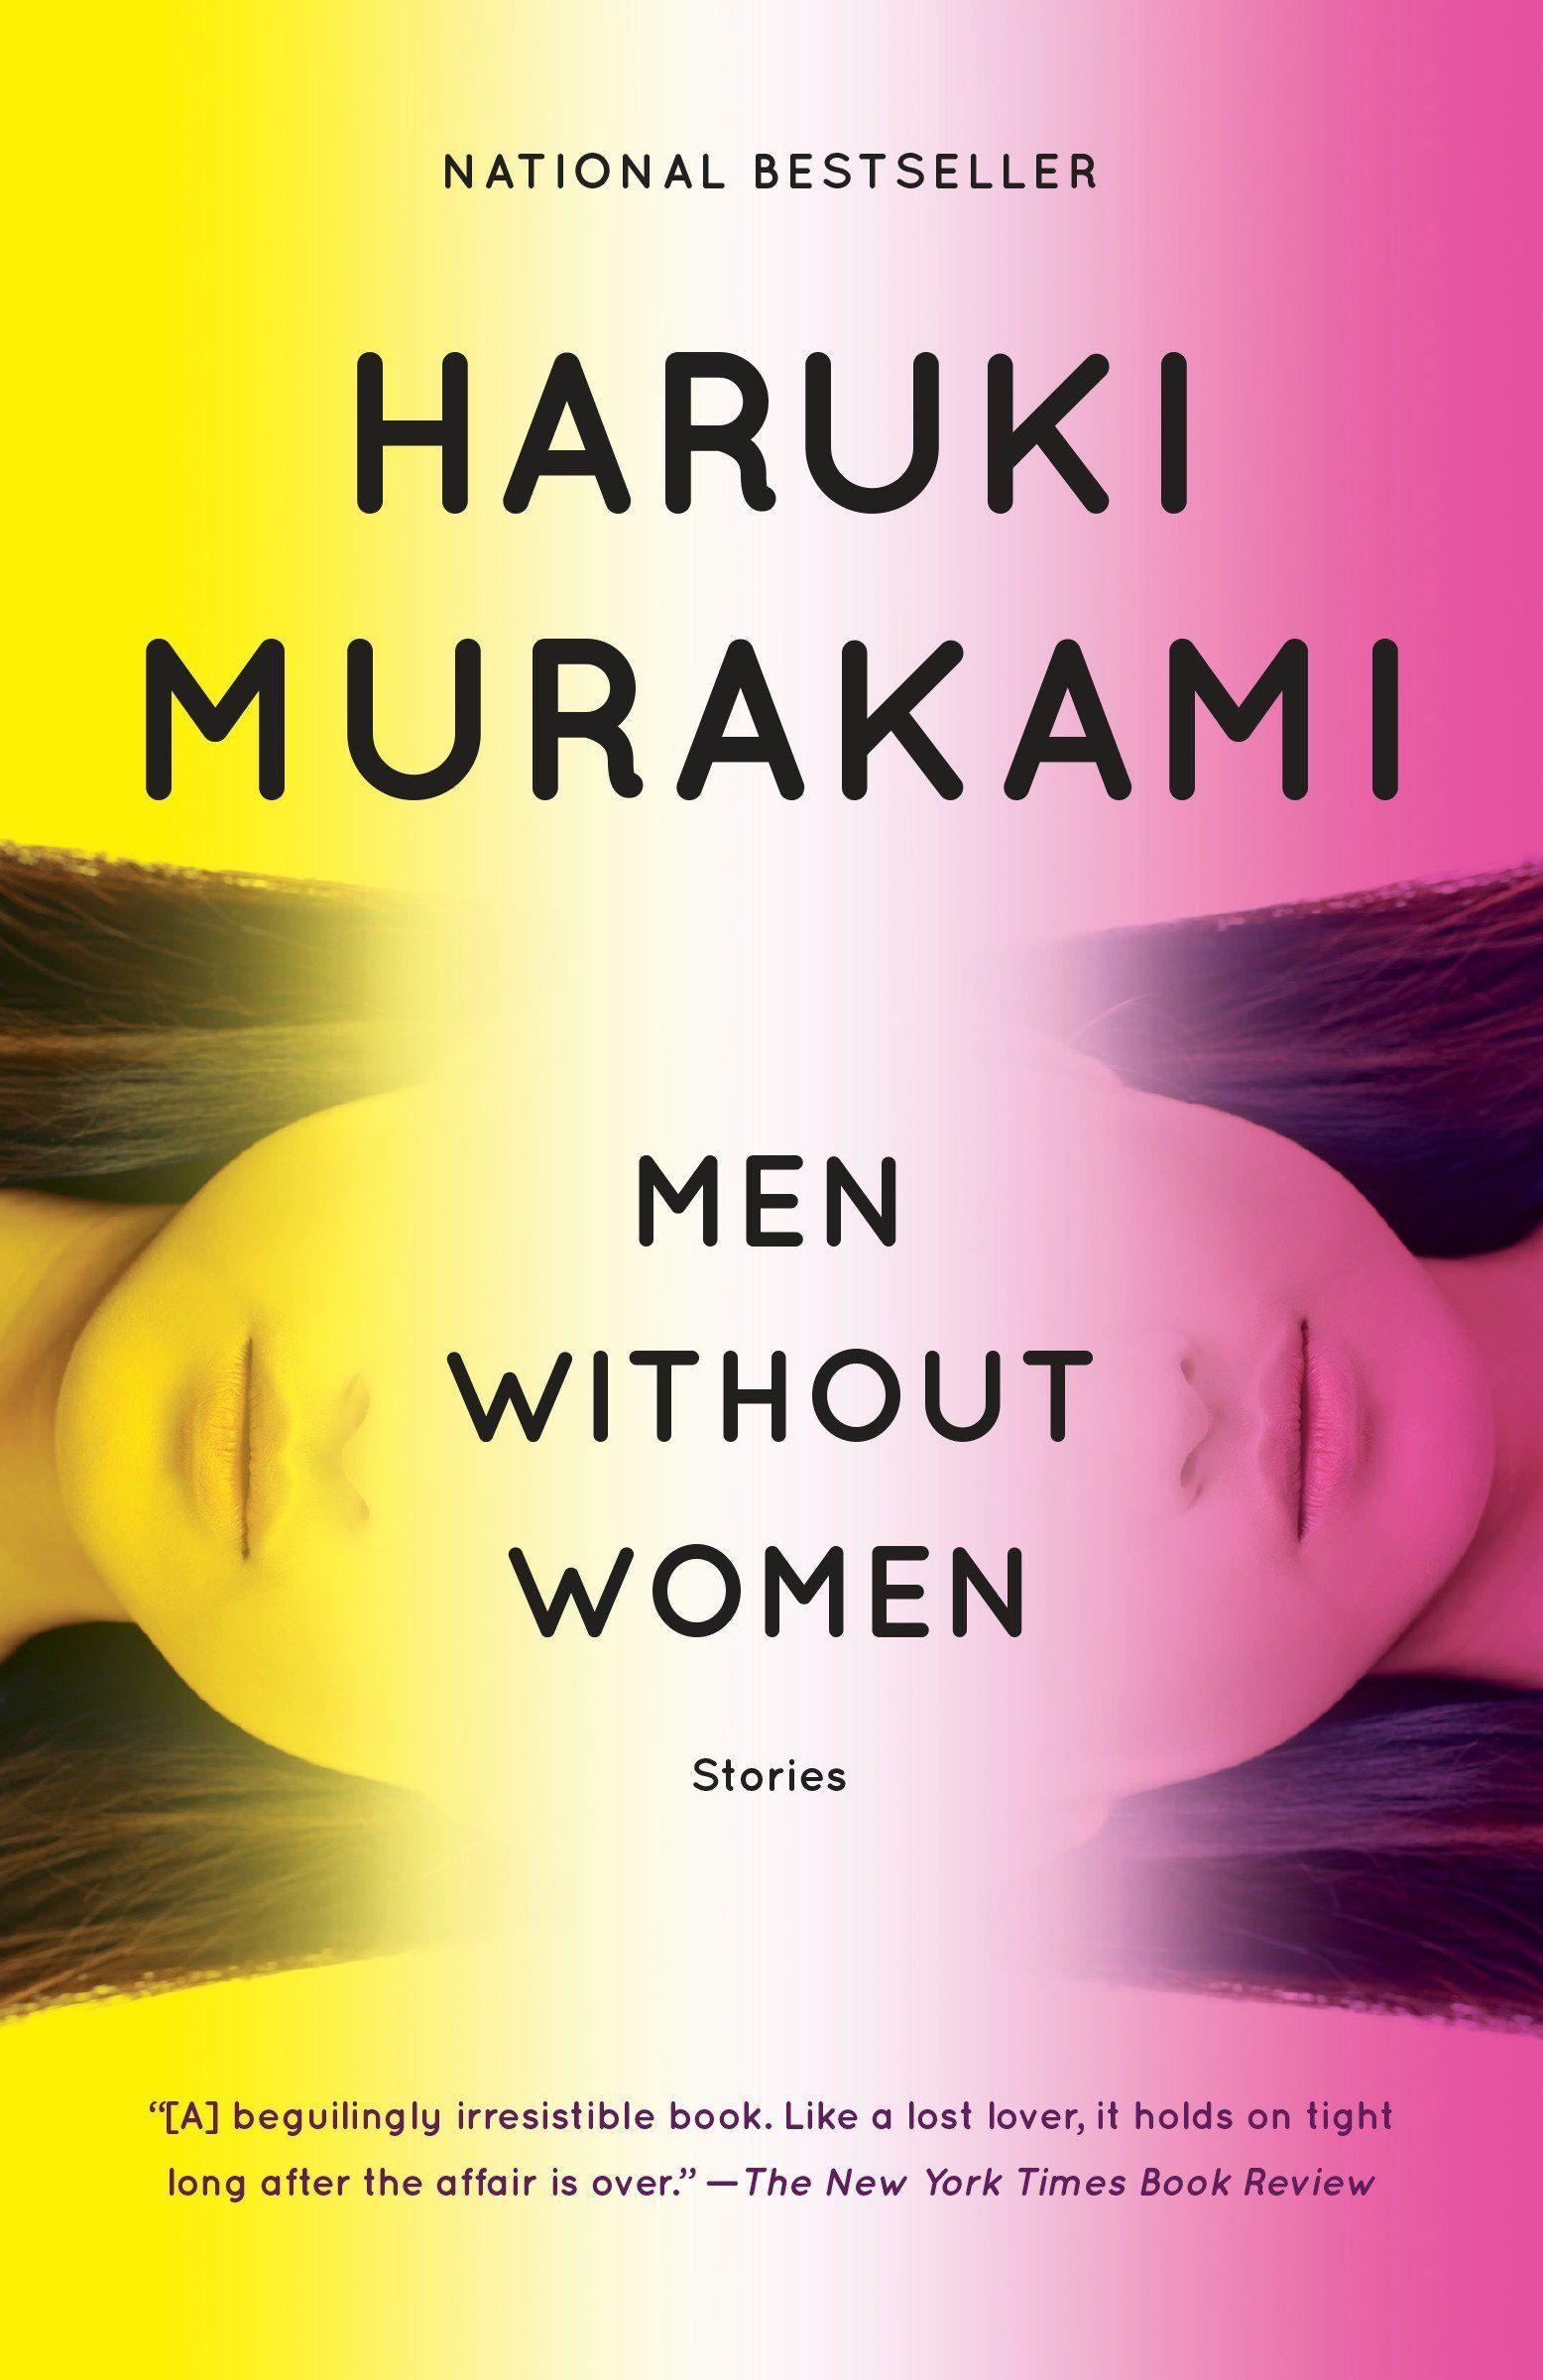 Men without women by haruki murakami haruki murakami